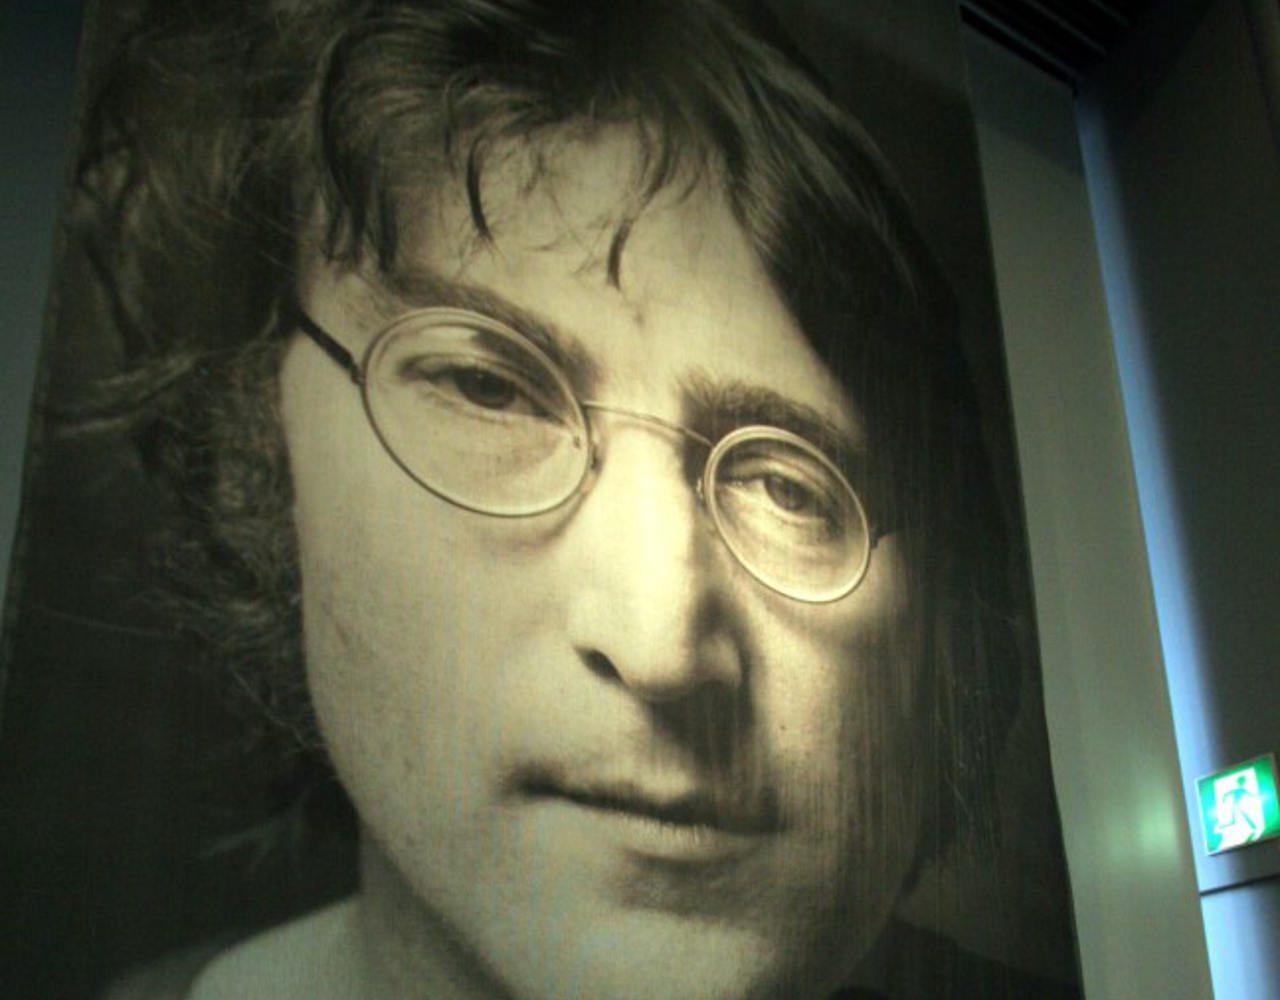 Subastarán guitarra que John Lennon usó en 'Paperback writer'